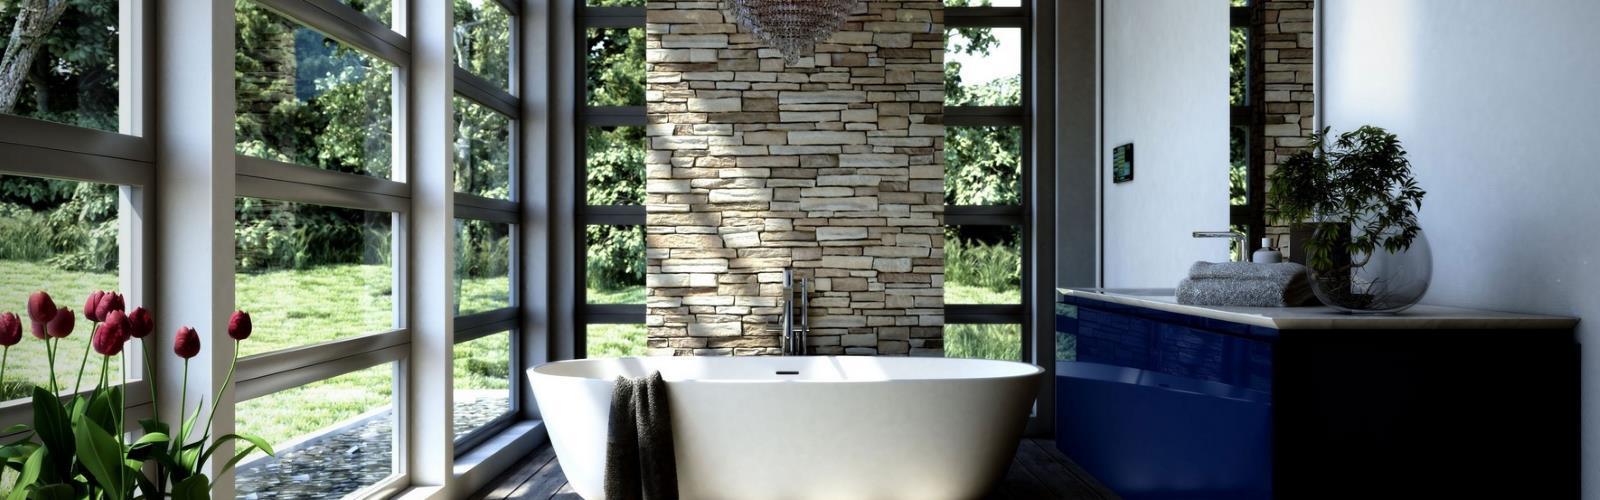 amenagement salle de bain 3d gratuit simple petites salles de bains bien amnages with. Black Bedroom Furniture Sets. Home Design Ideas